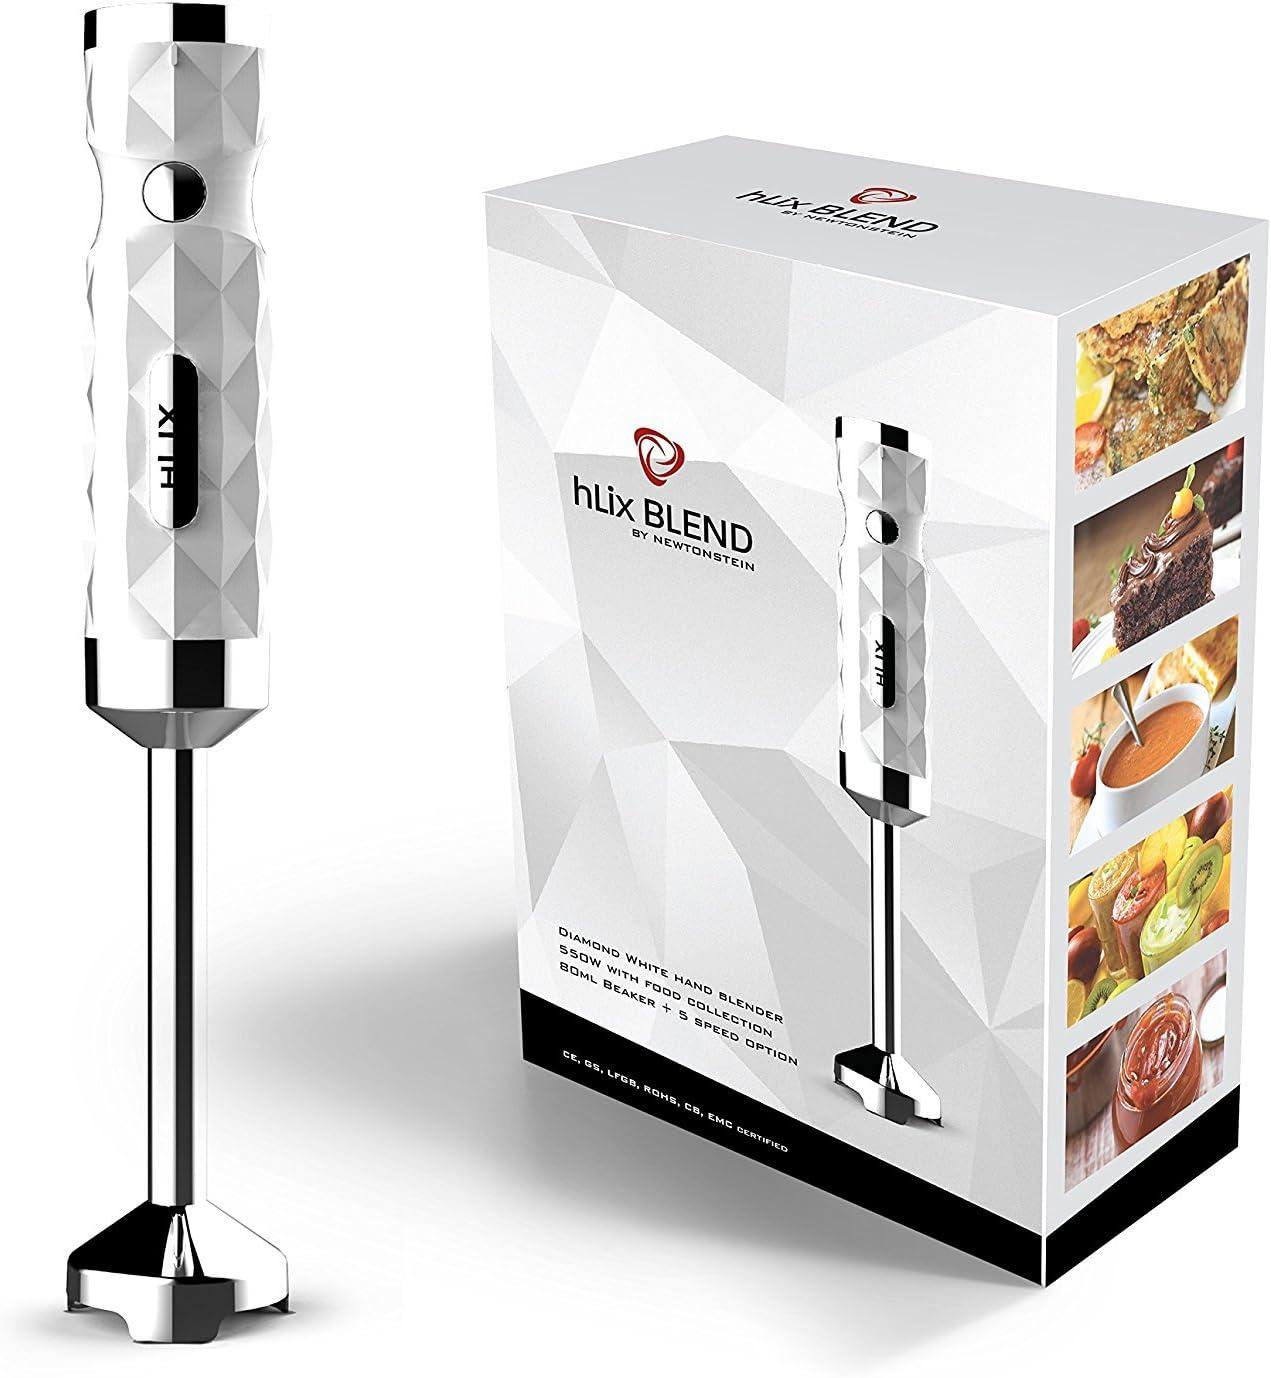 opzione di 5 velocit/à Frullatore ad immersione Diamante Bianco da 550W hLix BLEND con vaso per la raccolta degli alimenti da 700ml